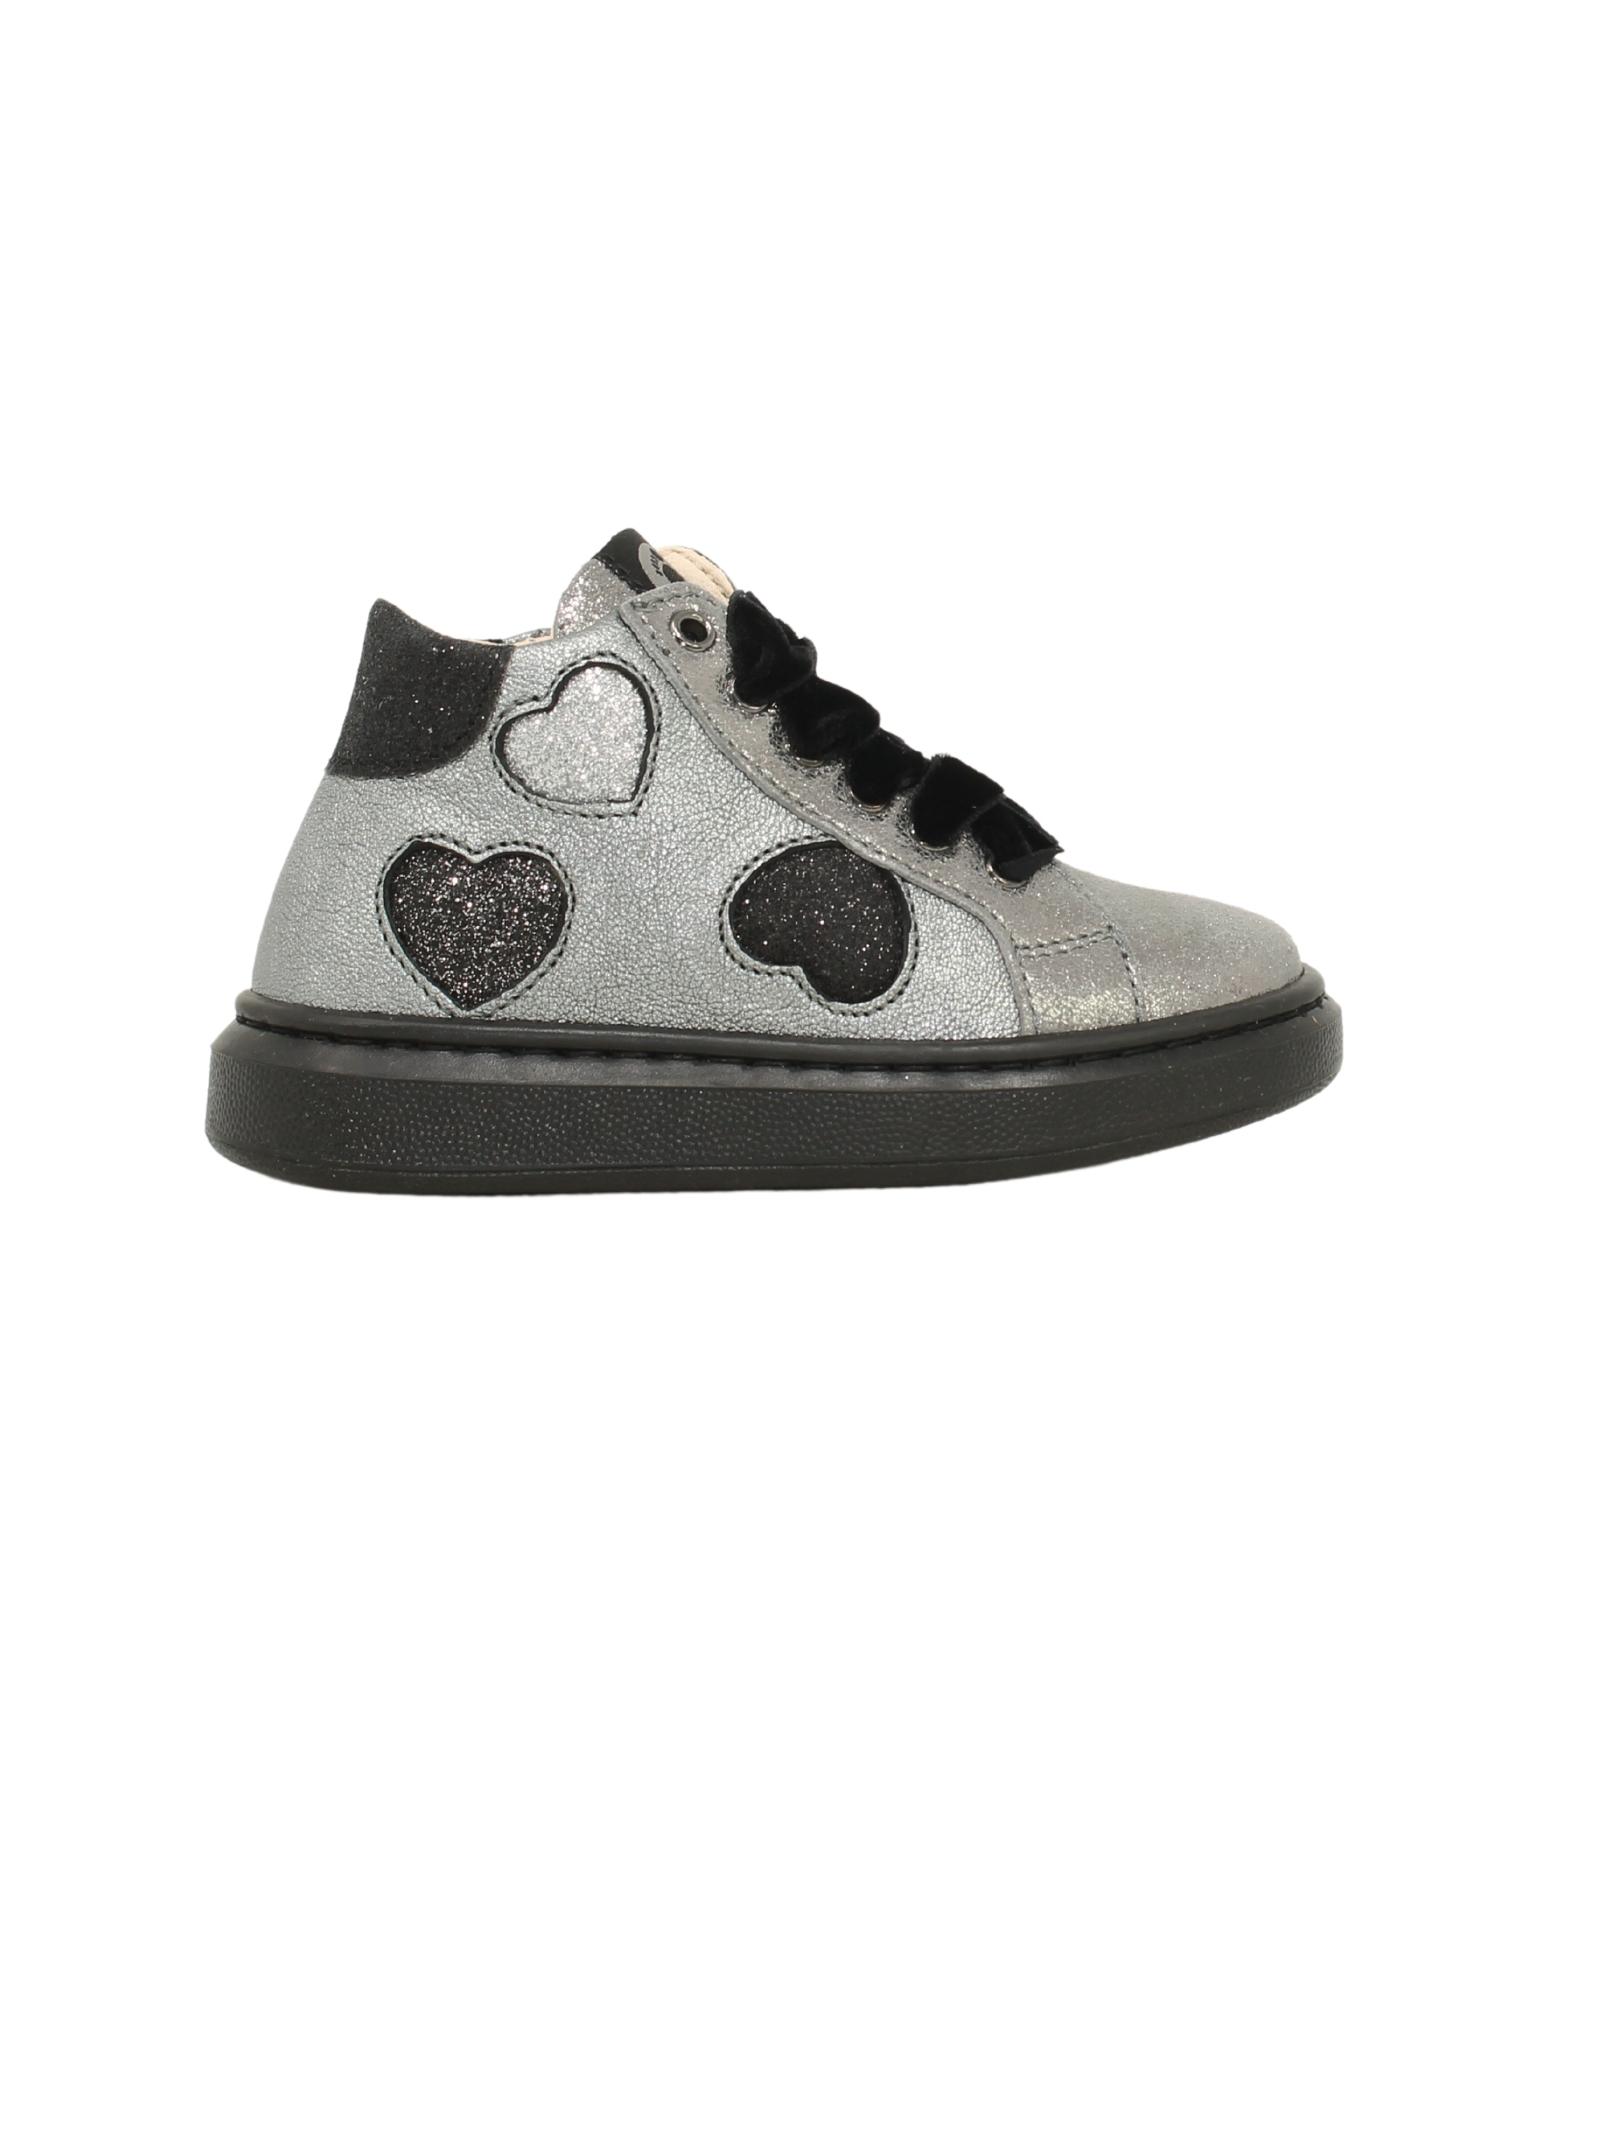 Girls Heart Glitter Sneakers WALKEY | Sneakers | Y1A4414451295X503ARGENTO